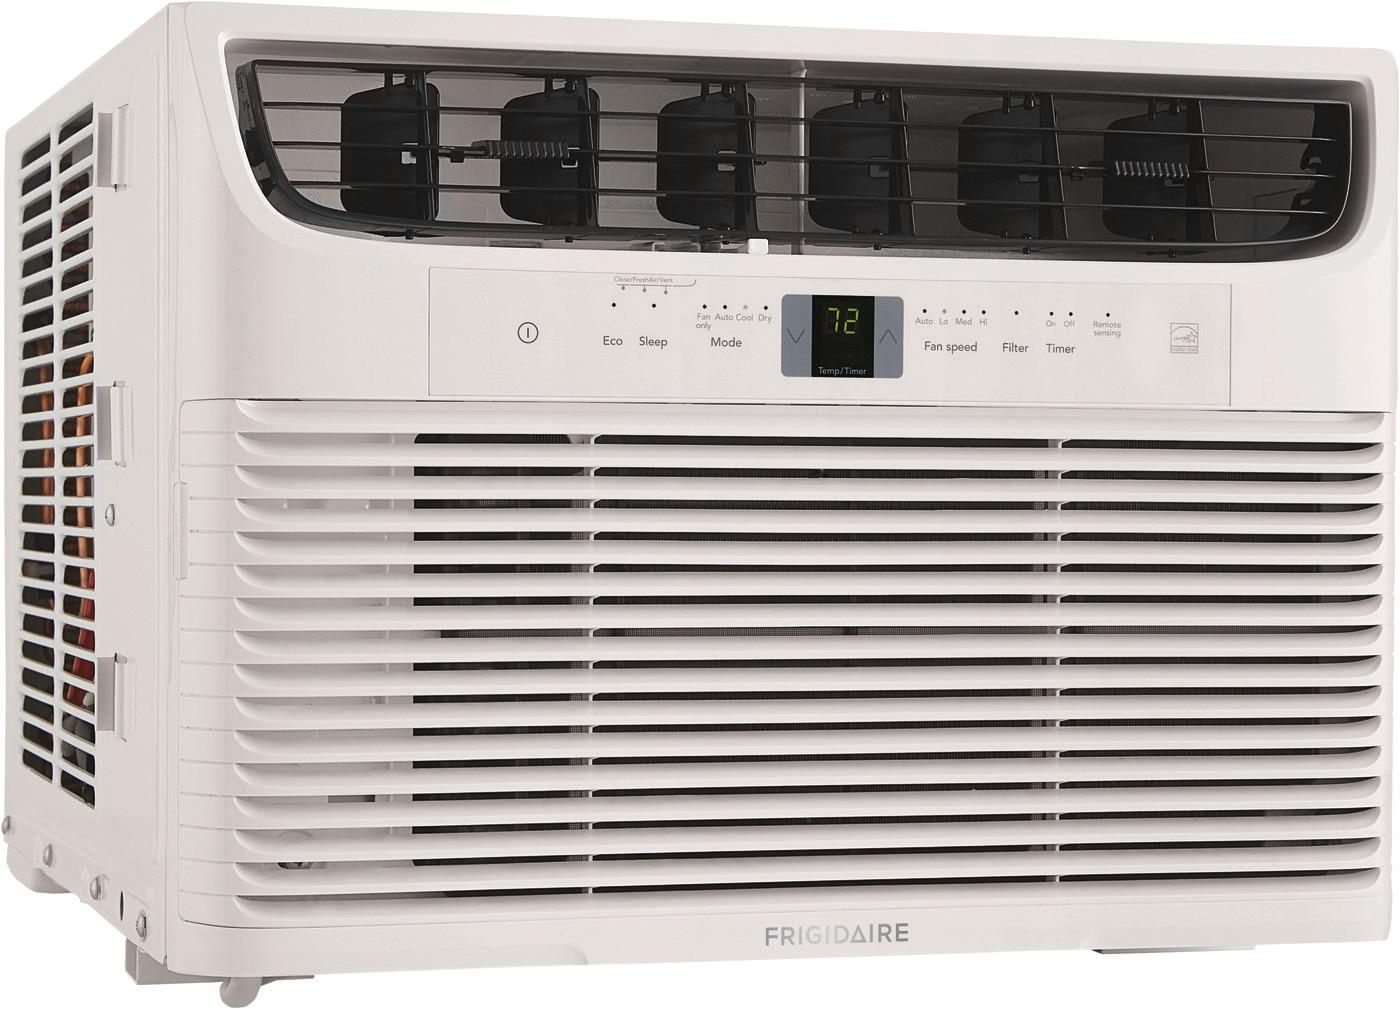 Frigidaire 12,000 BTU Window-Mounted Room Air Conditioner, FFRE123WAE